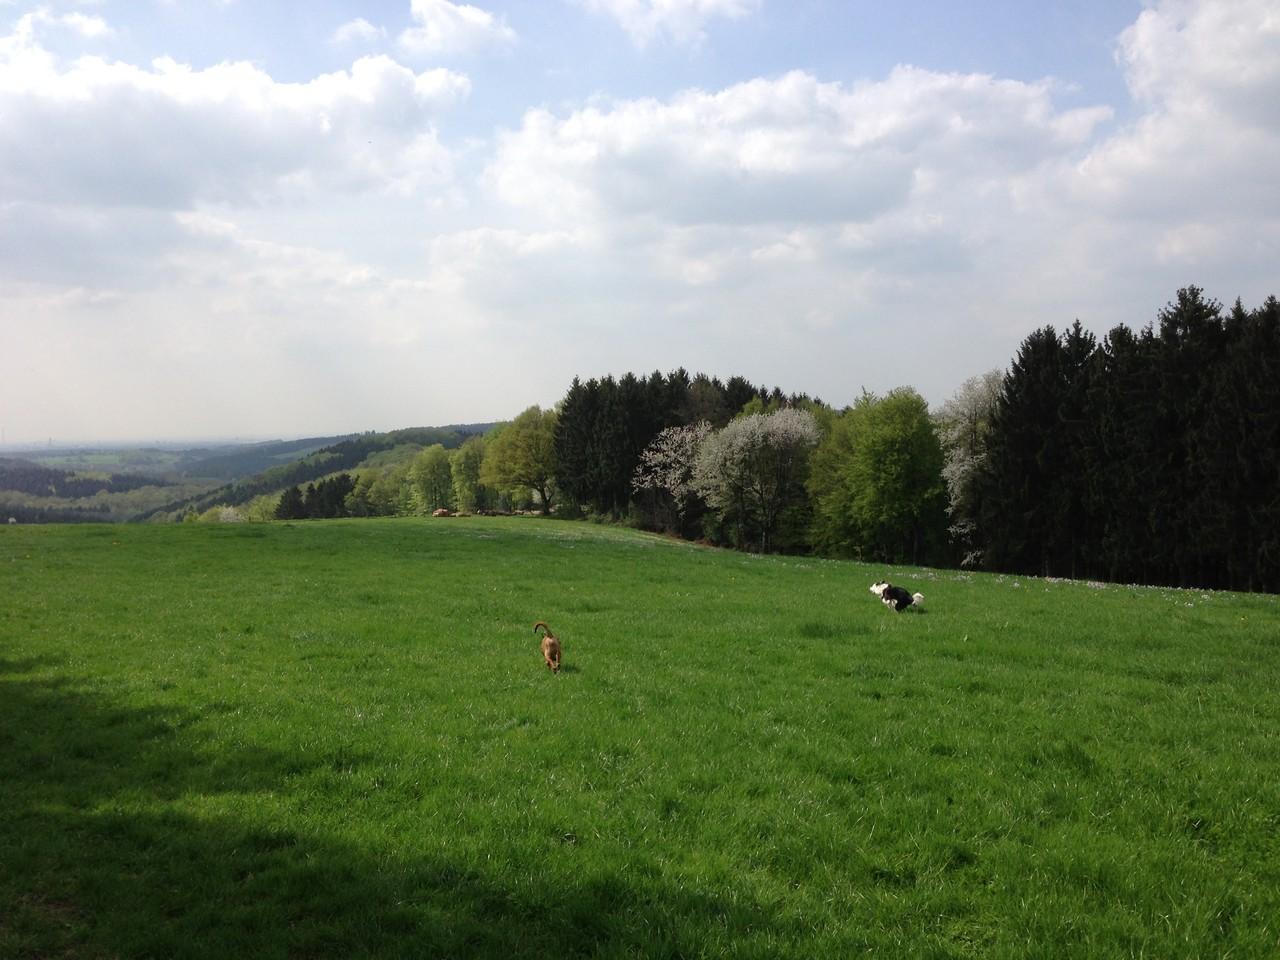 33 Hektar Land für die Pferde stehen zur Verfügung